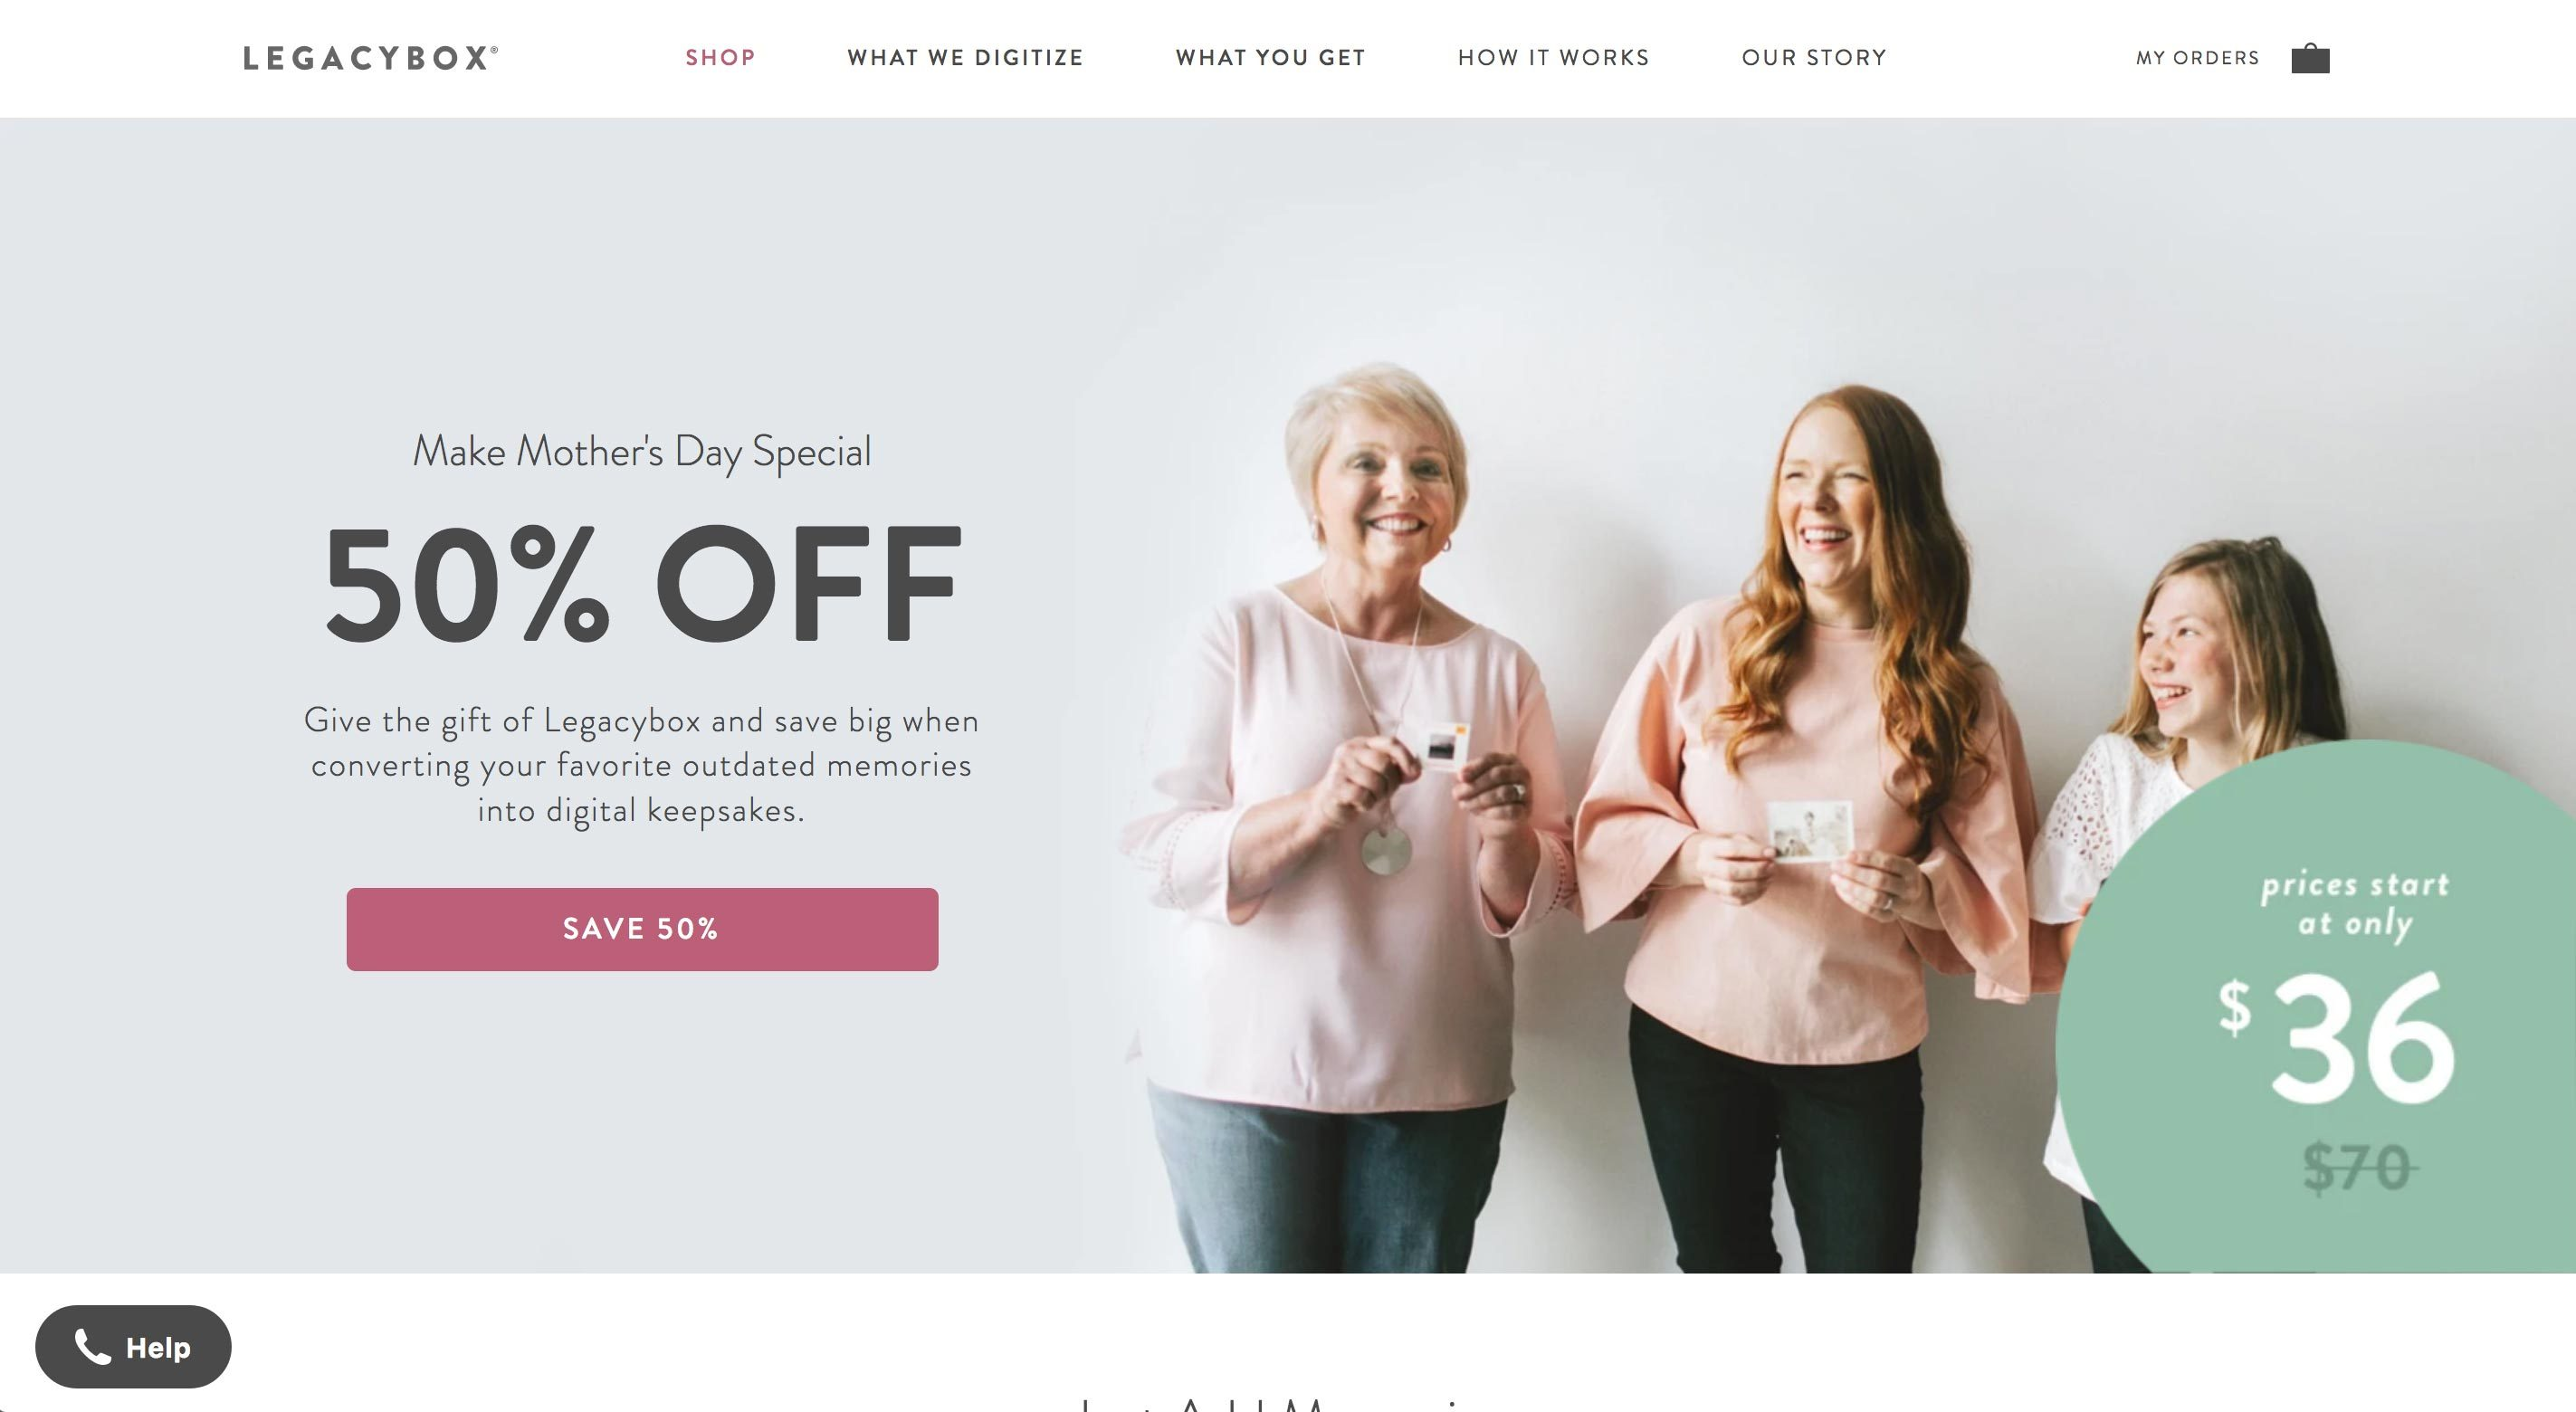 legacybox homepage